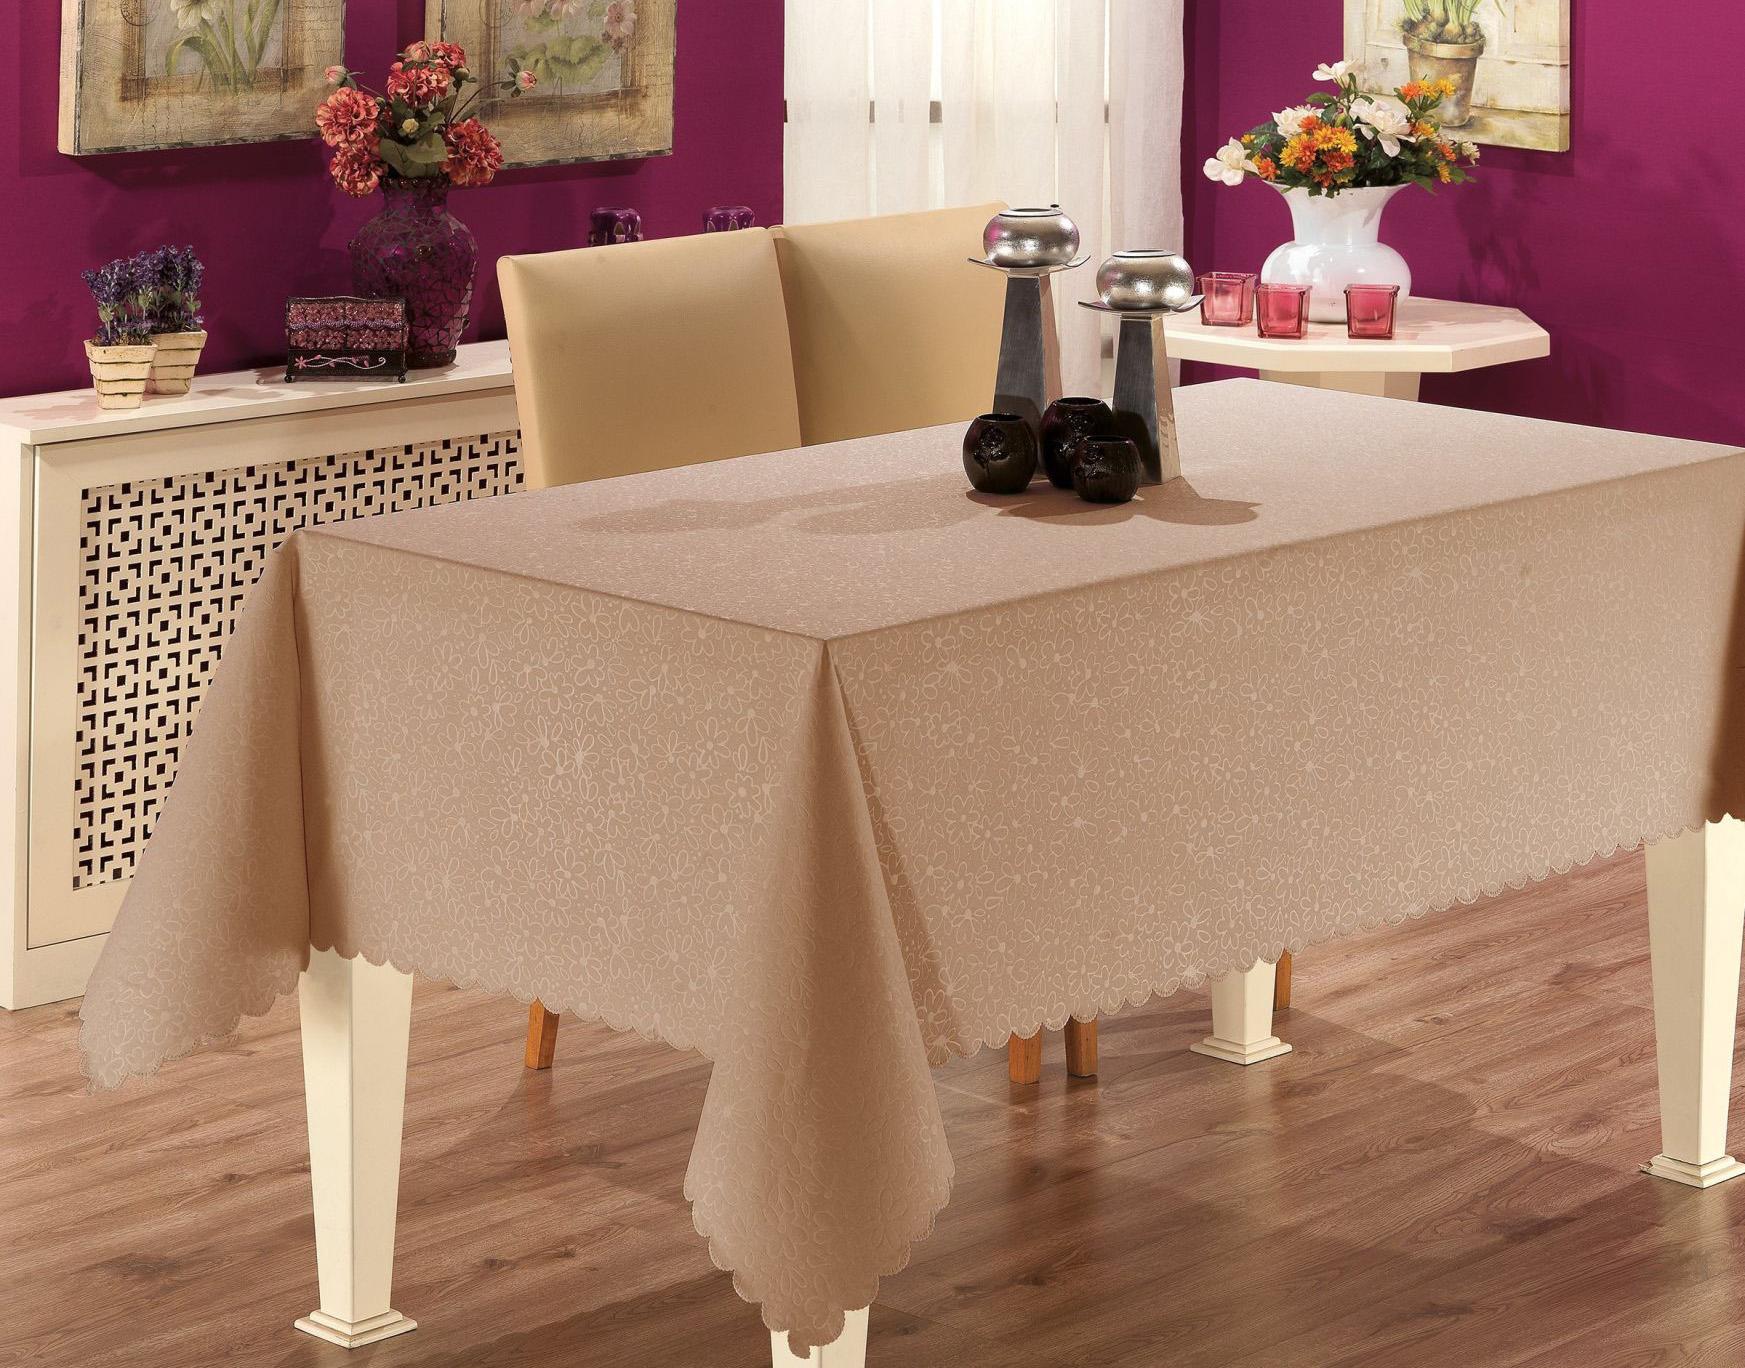 Однотонная скатерть на столе